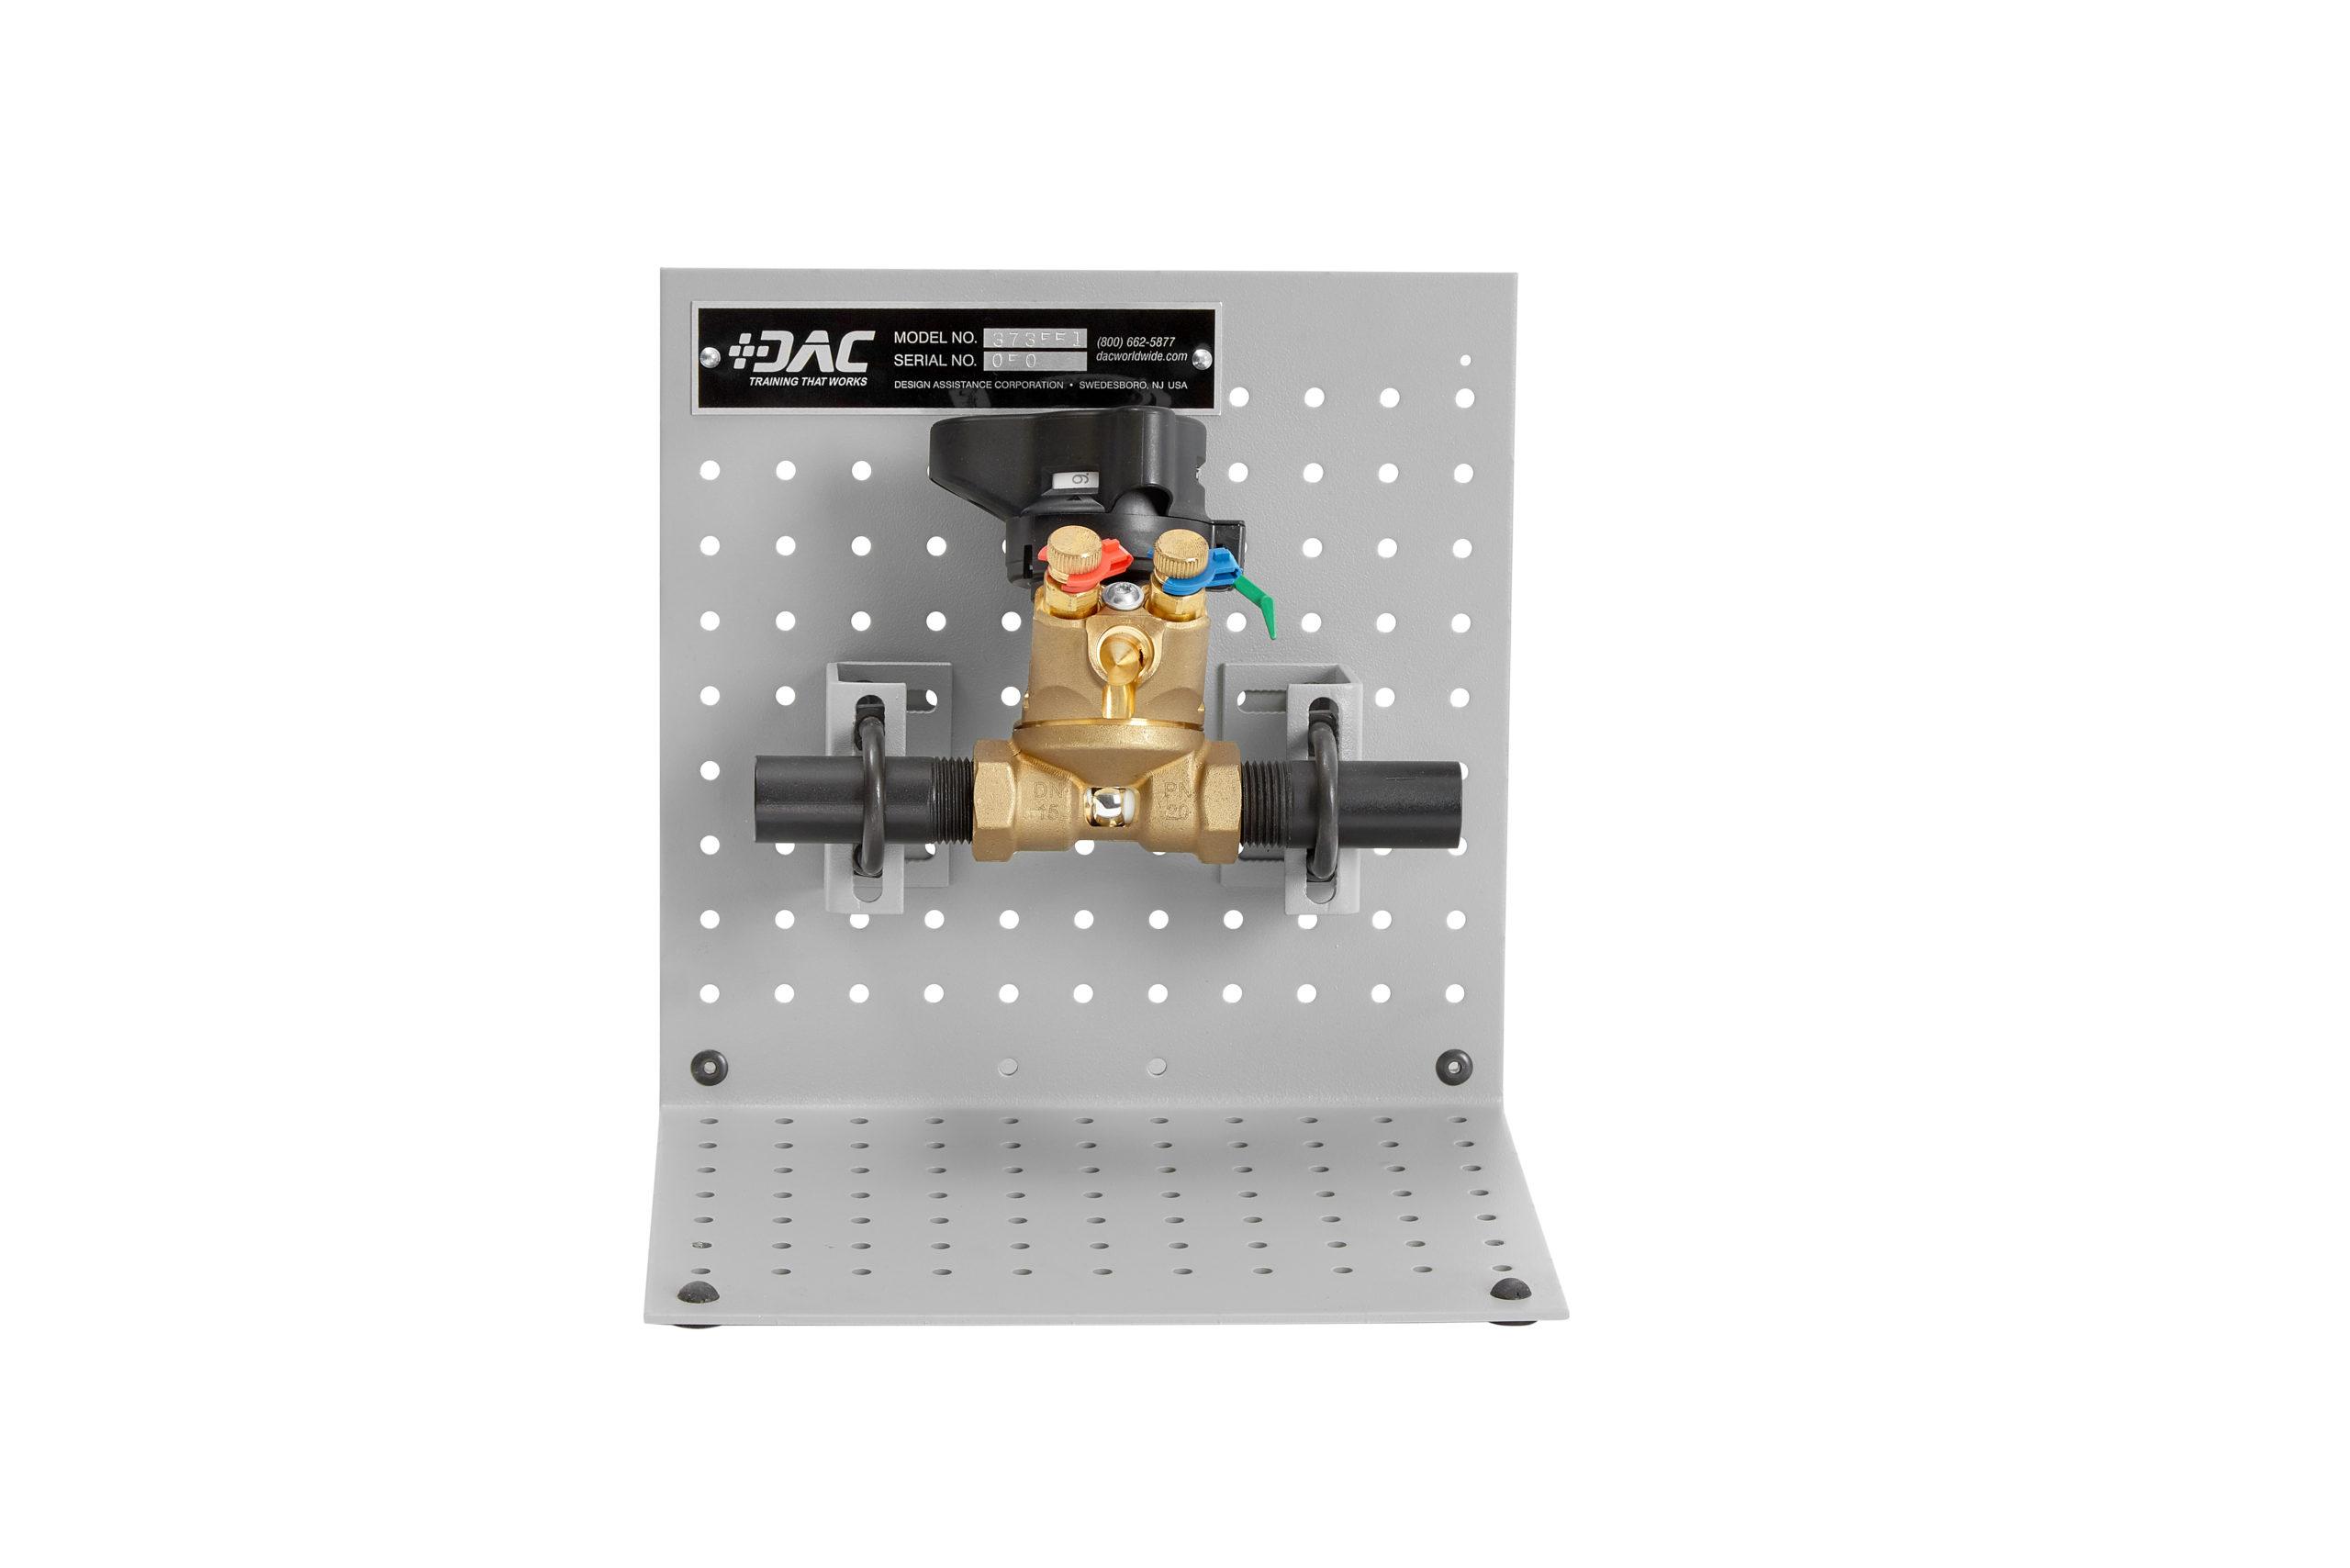 373-551 ACR Manual Balancing Valve Cutaway Image